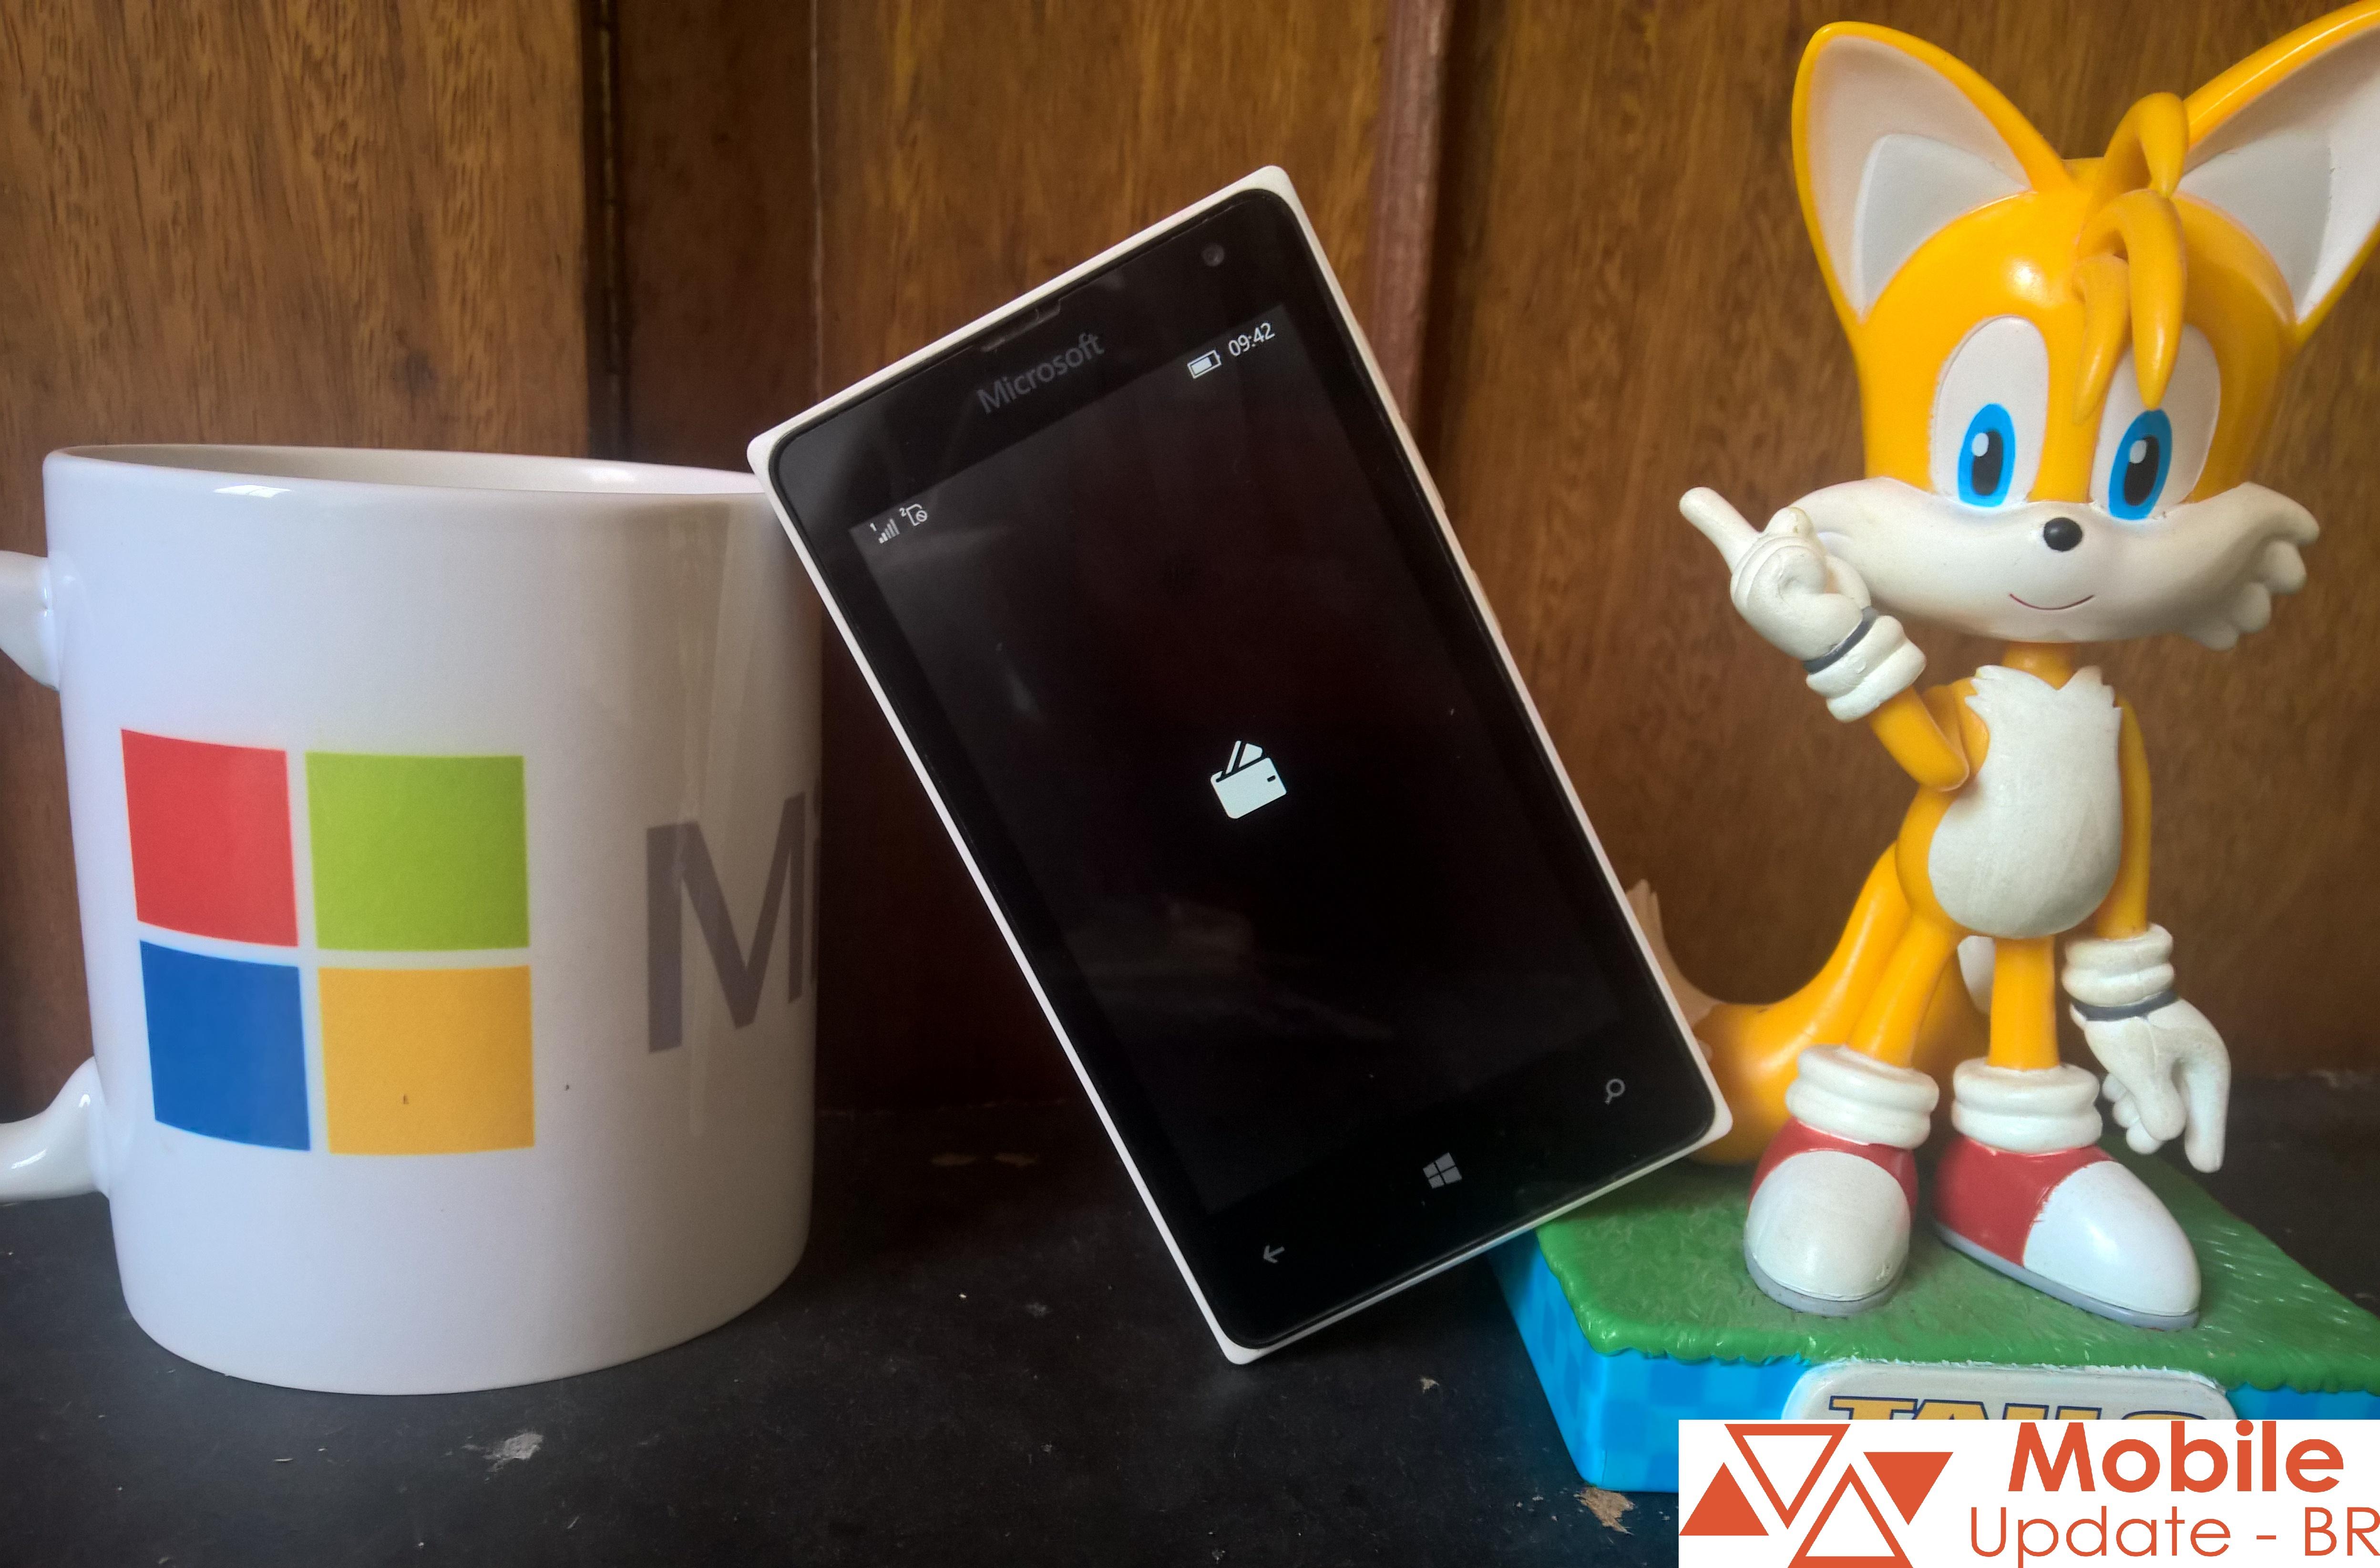 Ler QR Code no Windows 10 Mobile com app nativo